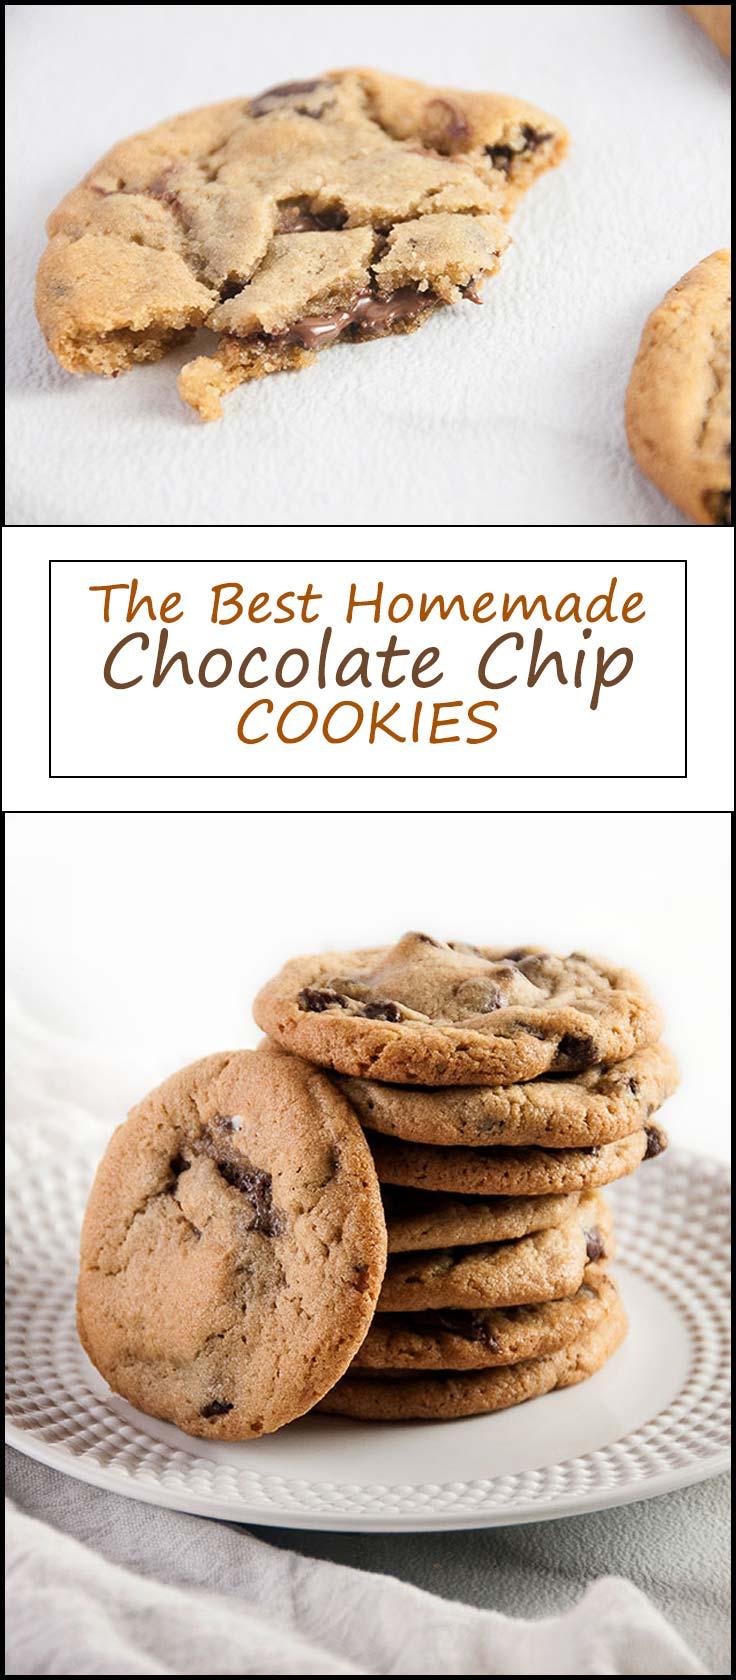 The Best Chocolate Chip Cookies from www.seasonedsprinkles.com